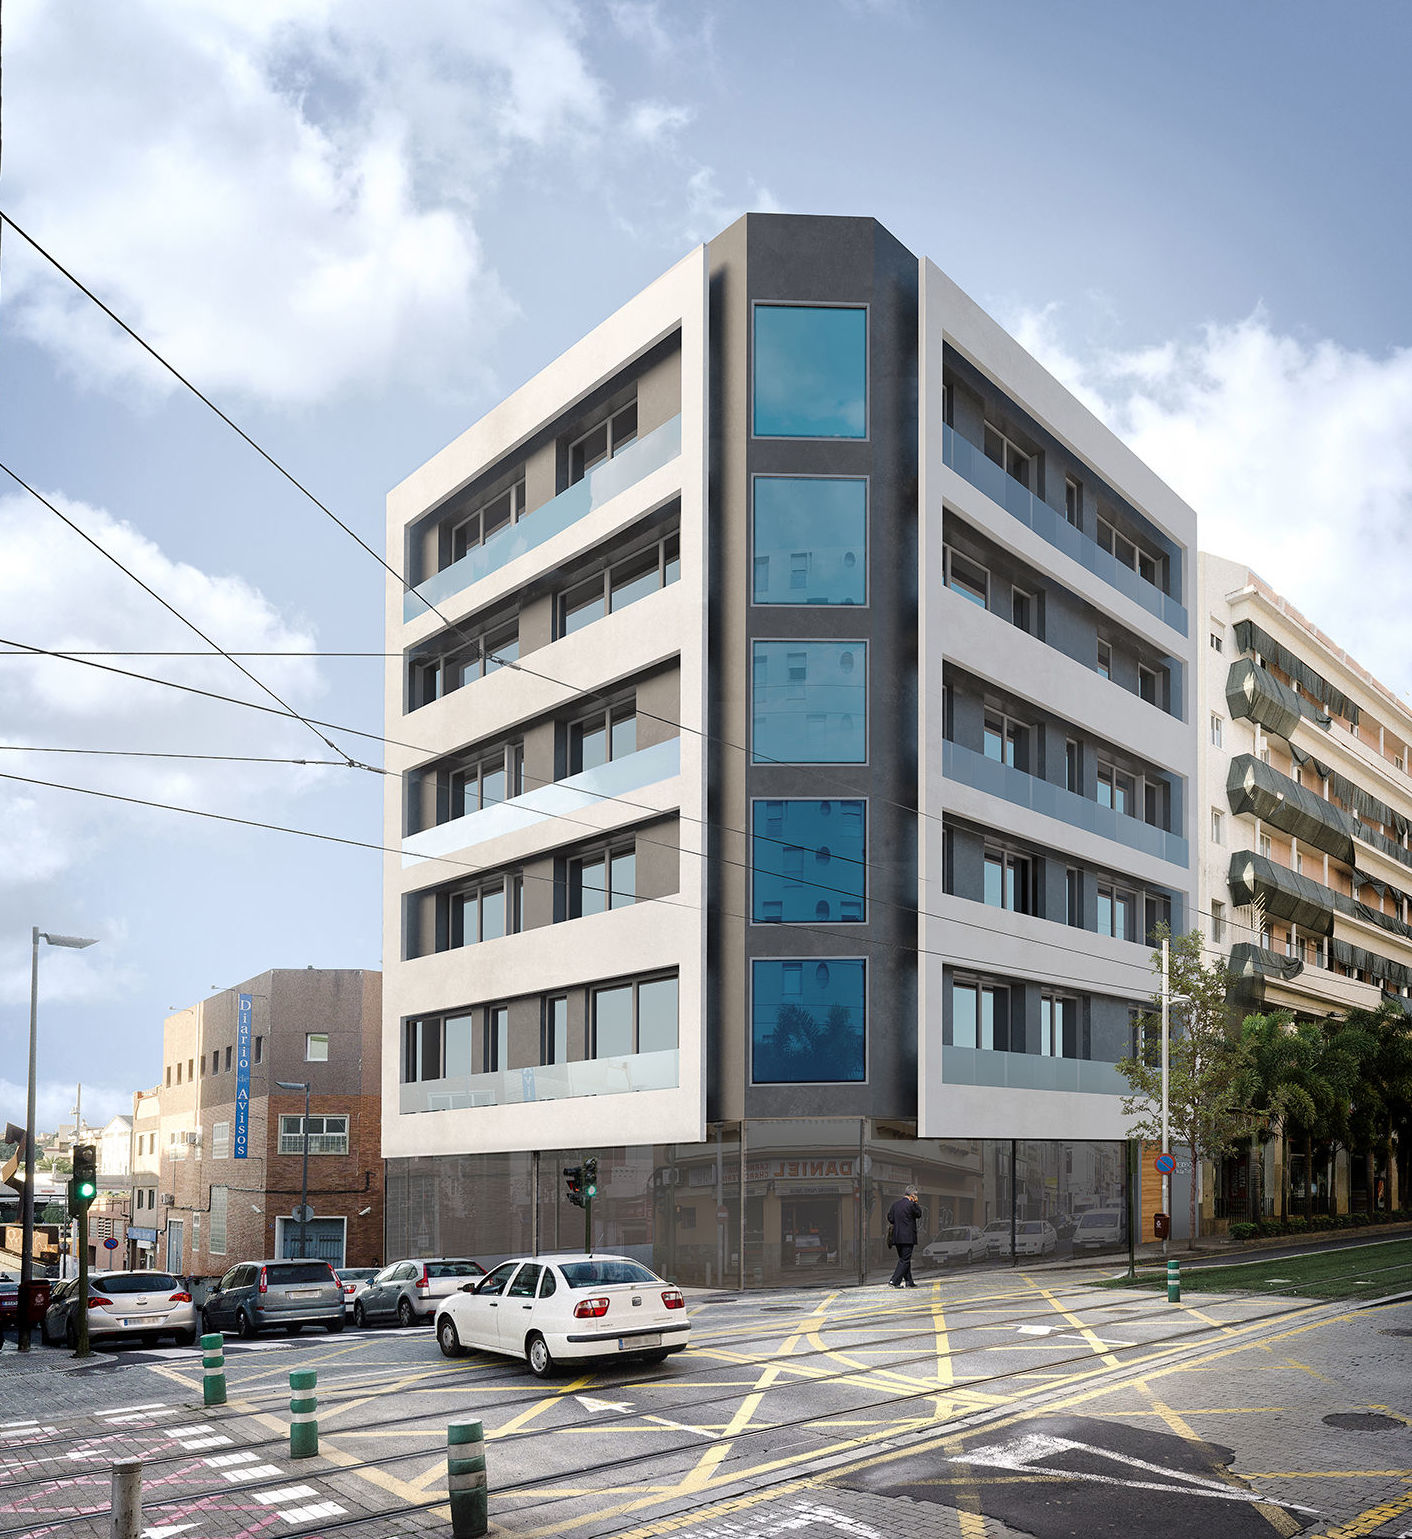 Edificio de viviendas, locales y aparcamientos. Perspectiva.